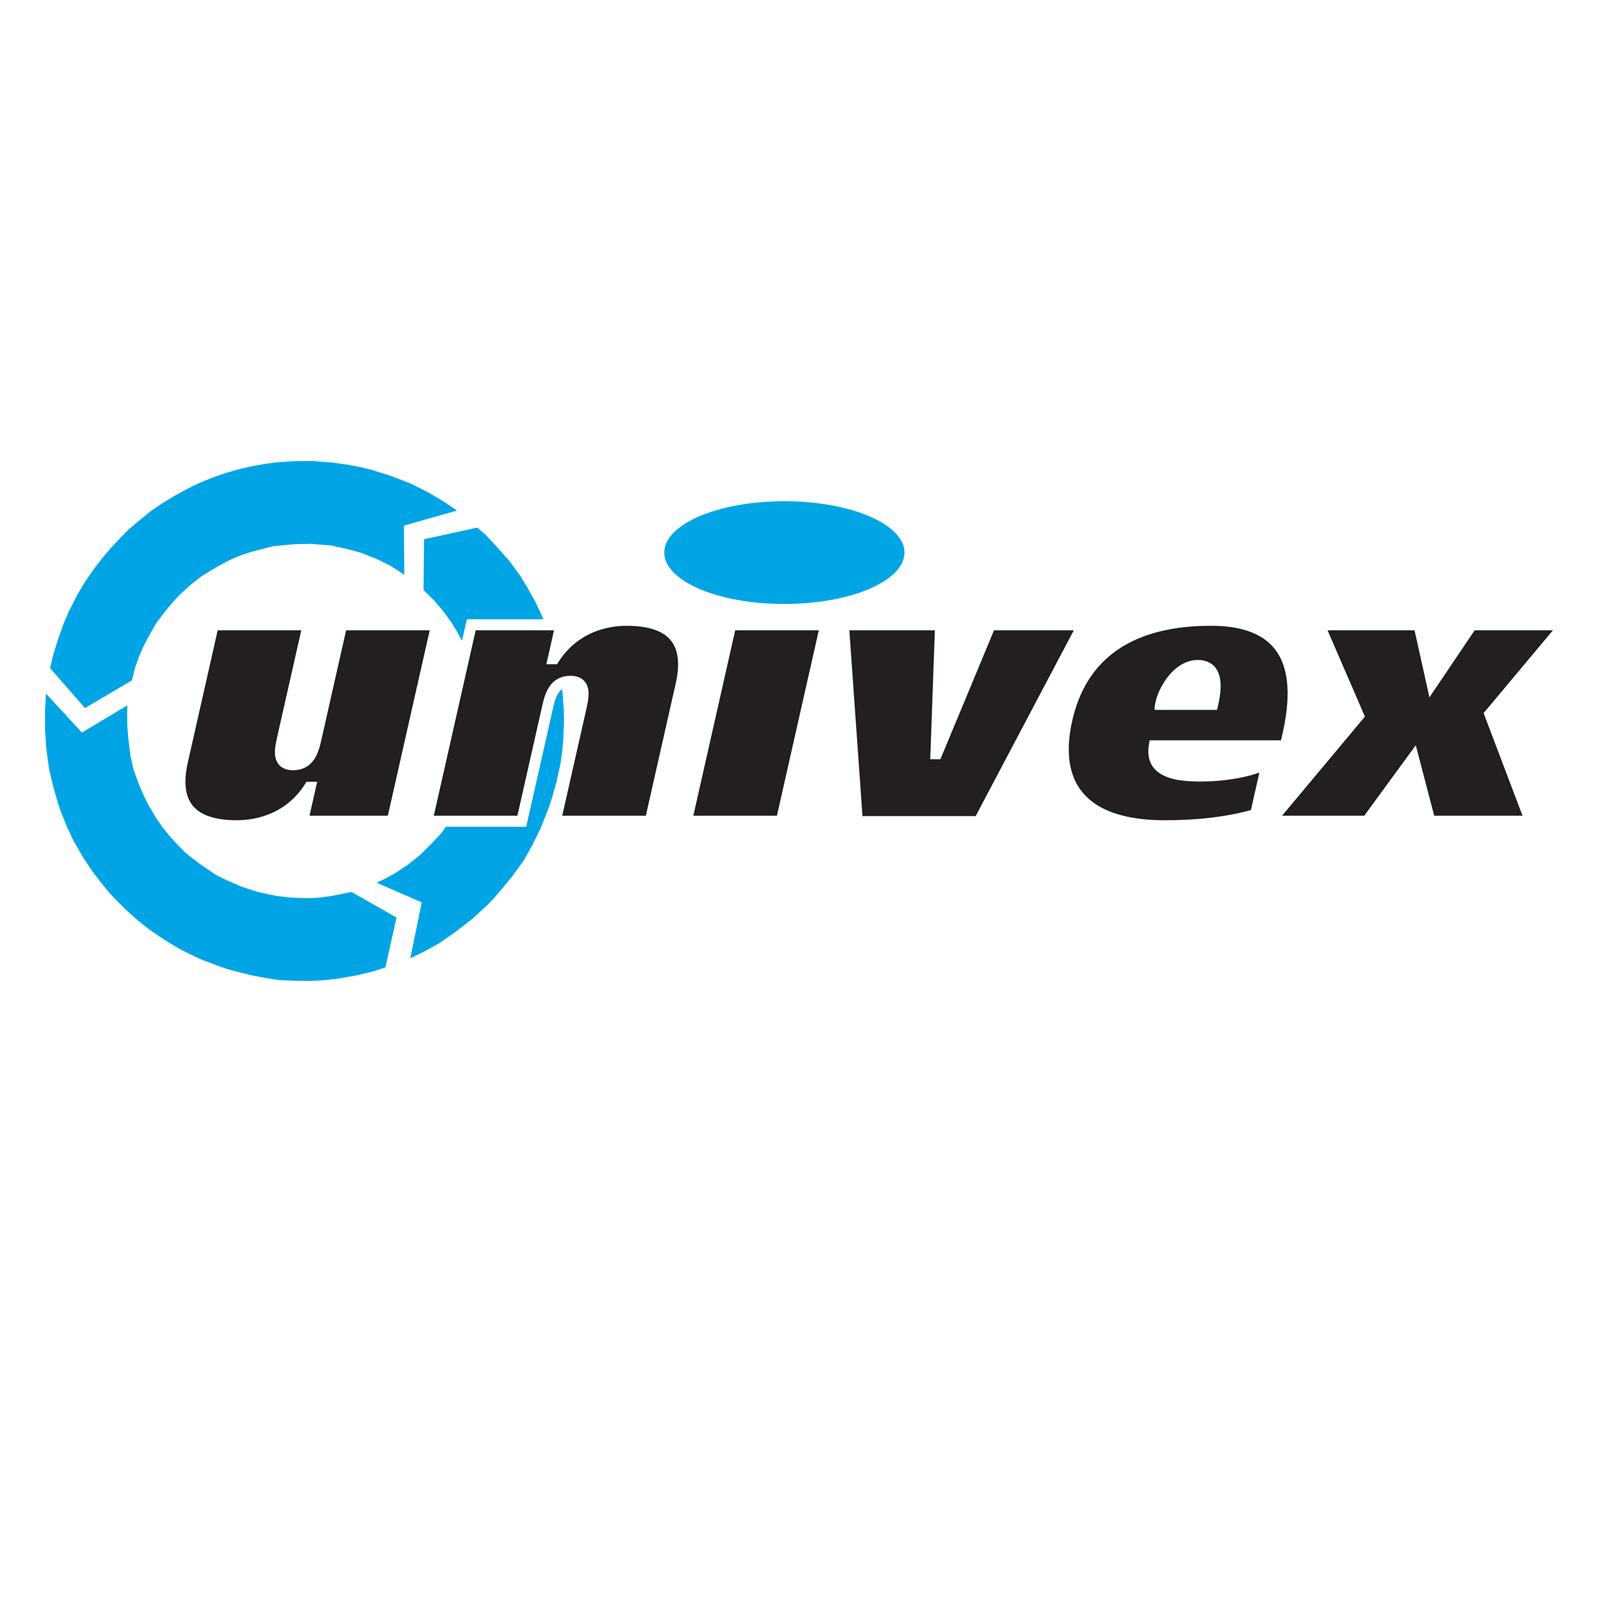 univex jpg.jpg